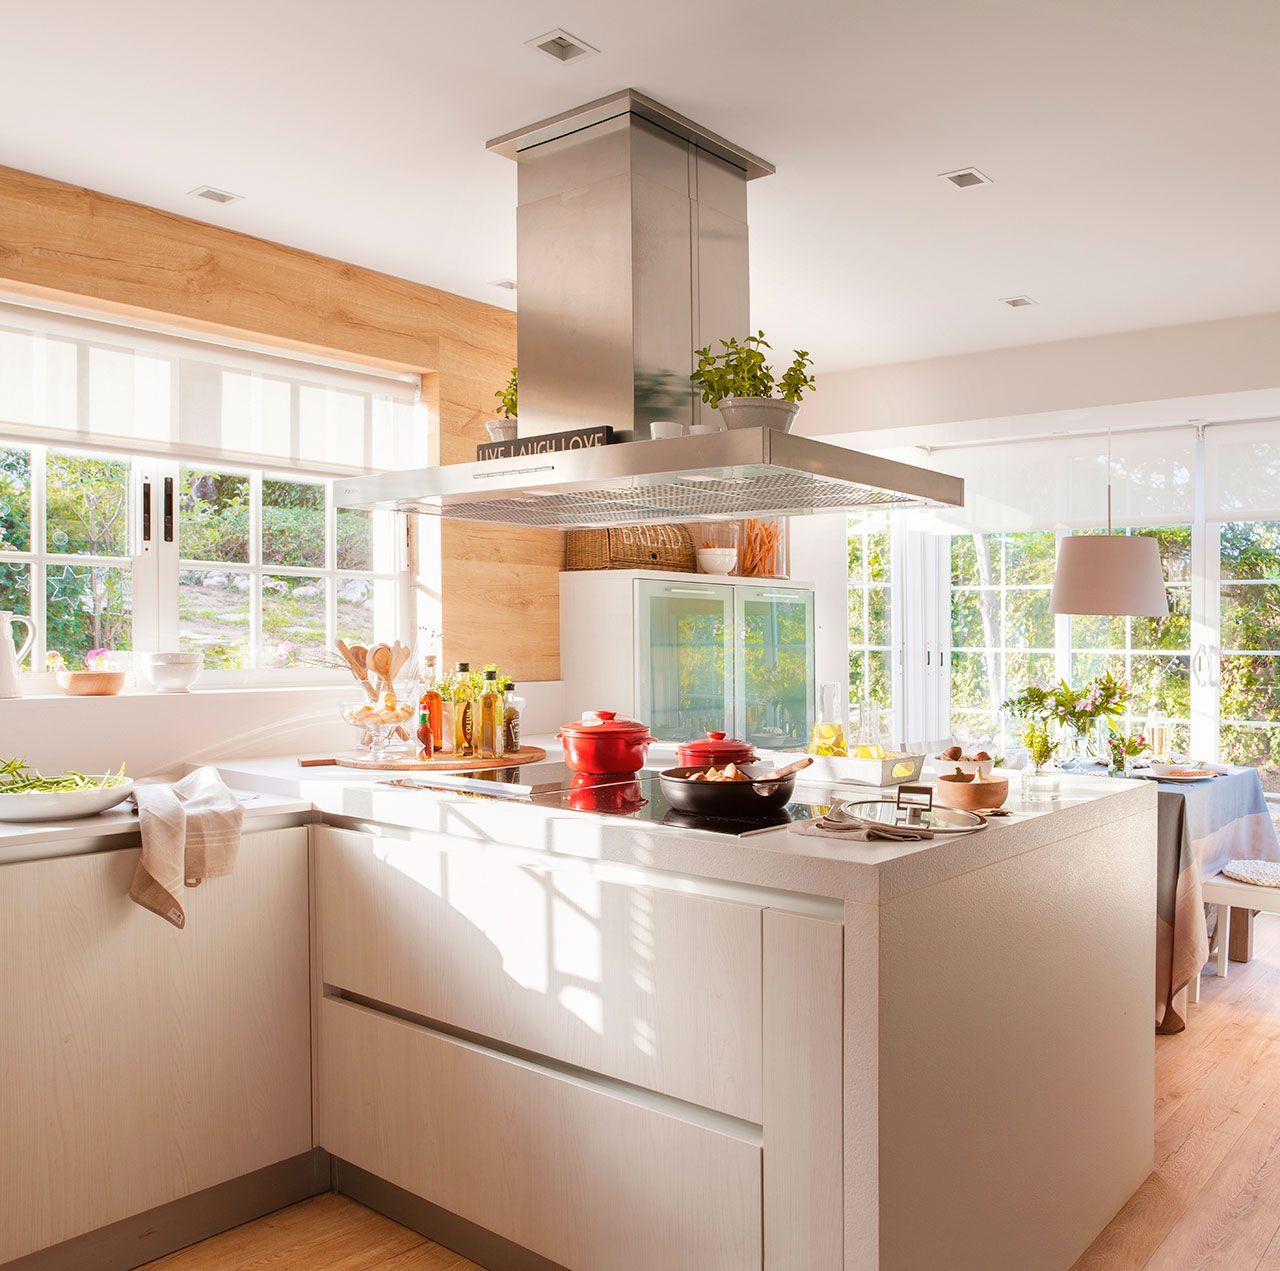 Cocina De Muebles Blancos Abierta A Un Office Con Grandes  # Muebles Blancos